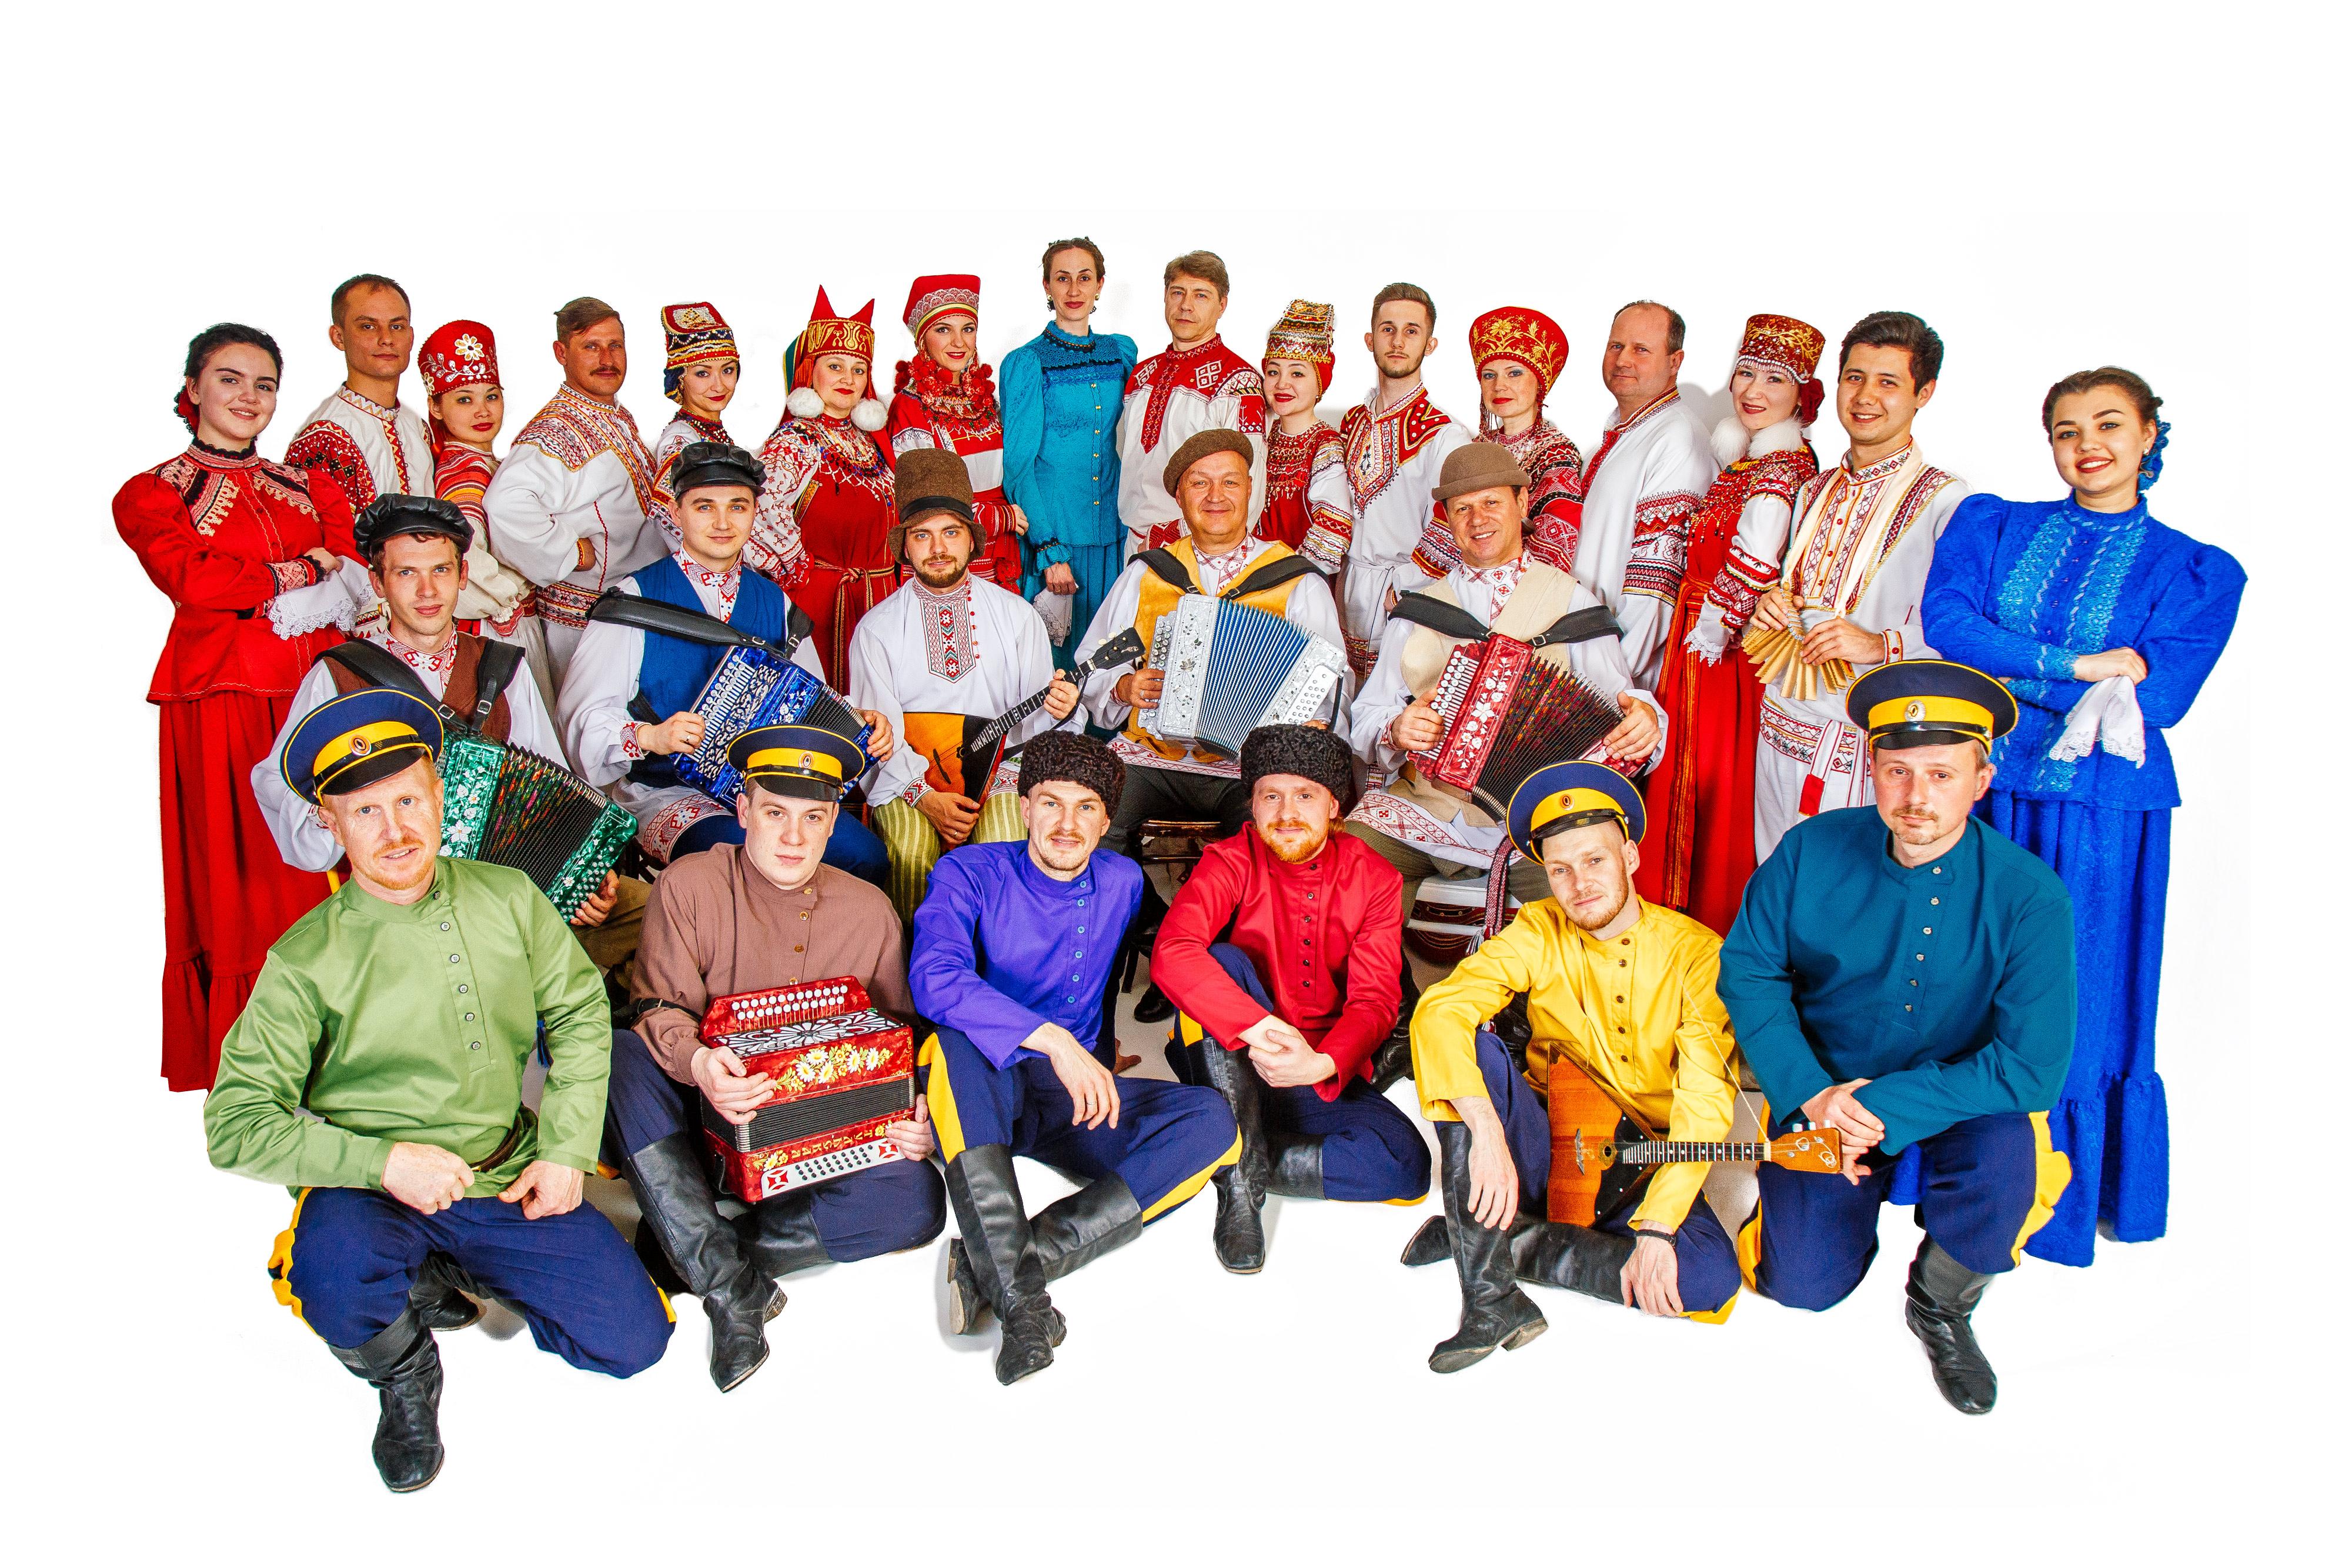 Артисты областного центра народной культуры получили консультацию врача-фониатора